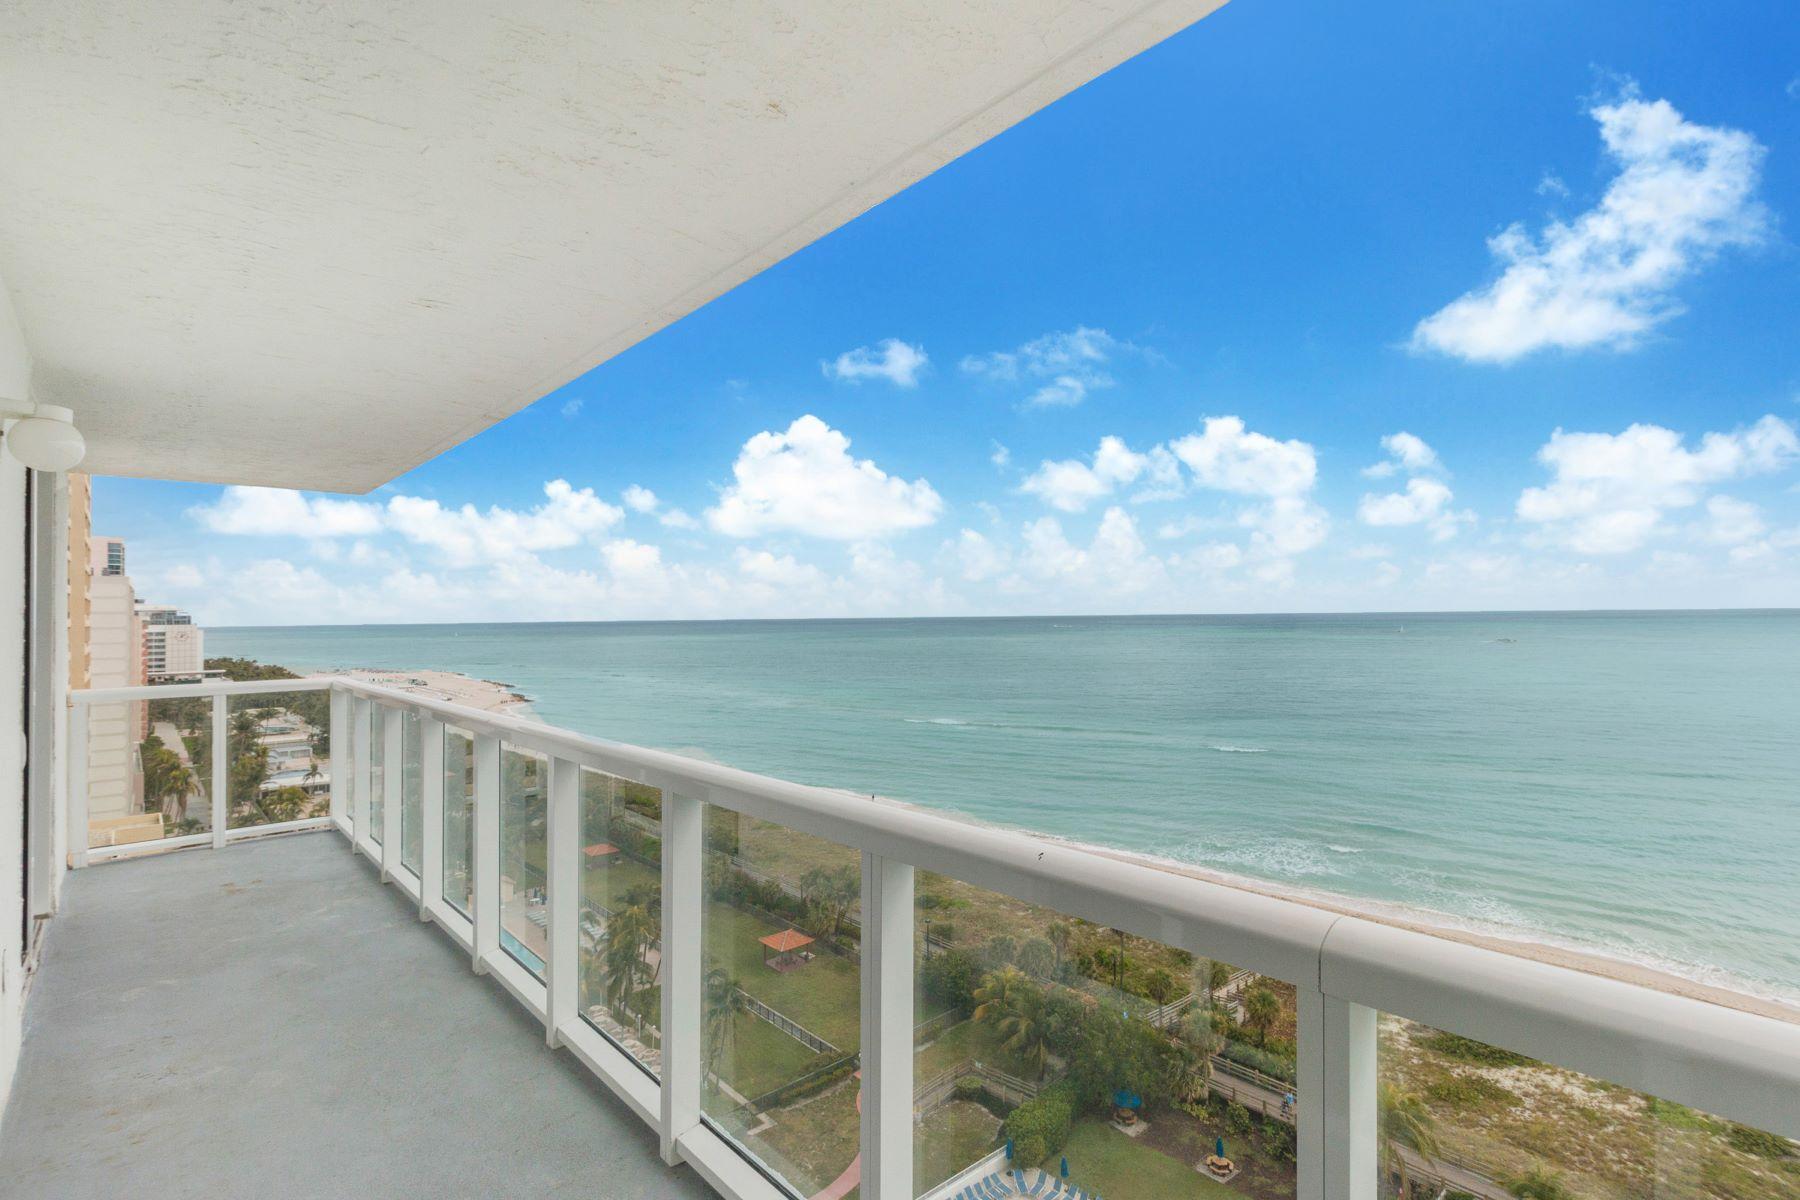 共管物業 為 出售 在 2457 Collins Ave #1703 2457 Collins Ave 1703, Miami Beach, 佛羅里達州, 33140 美國